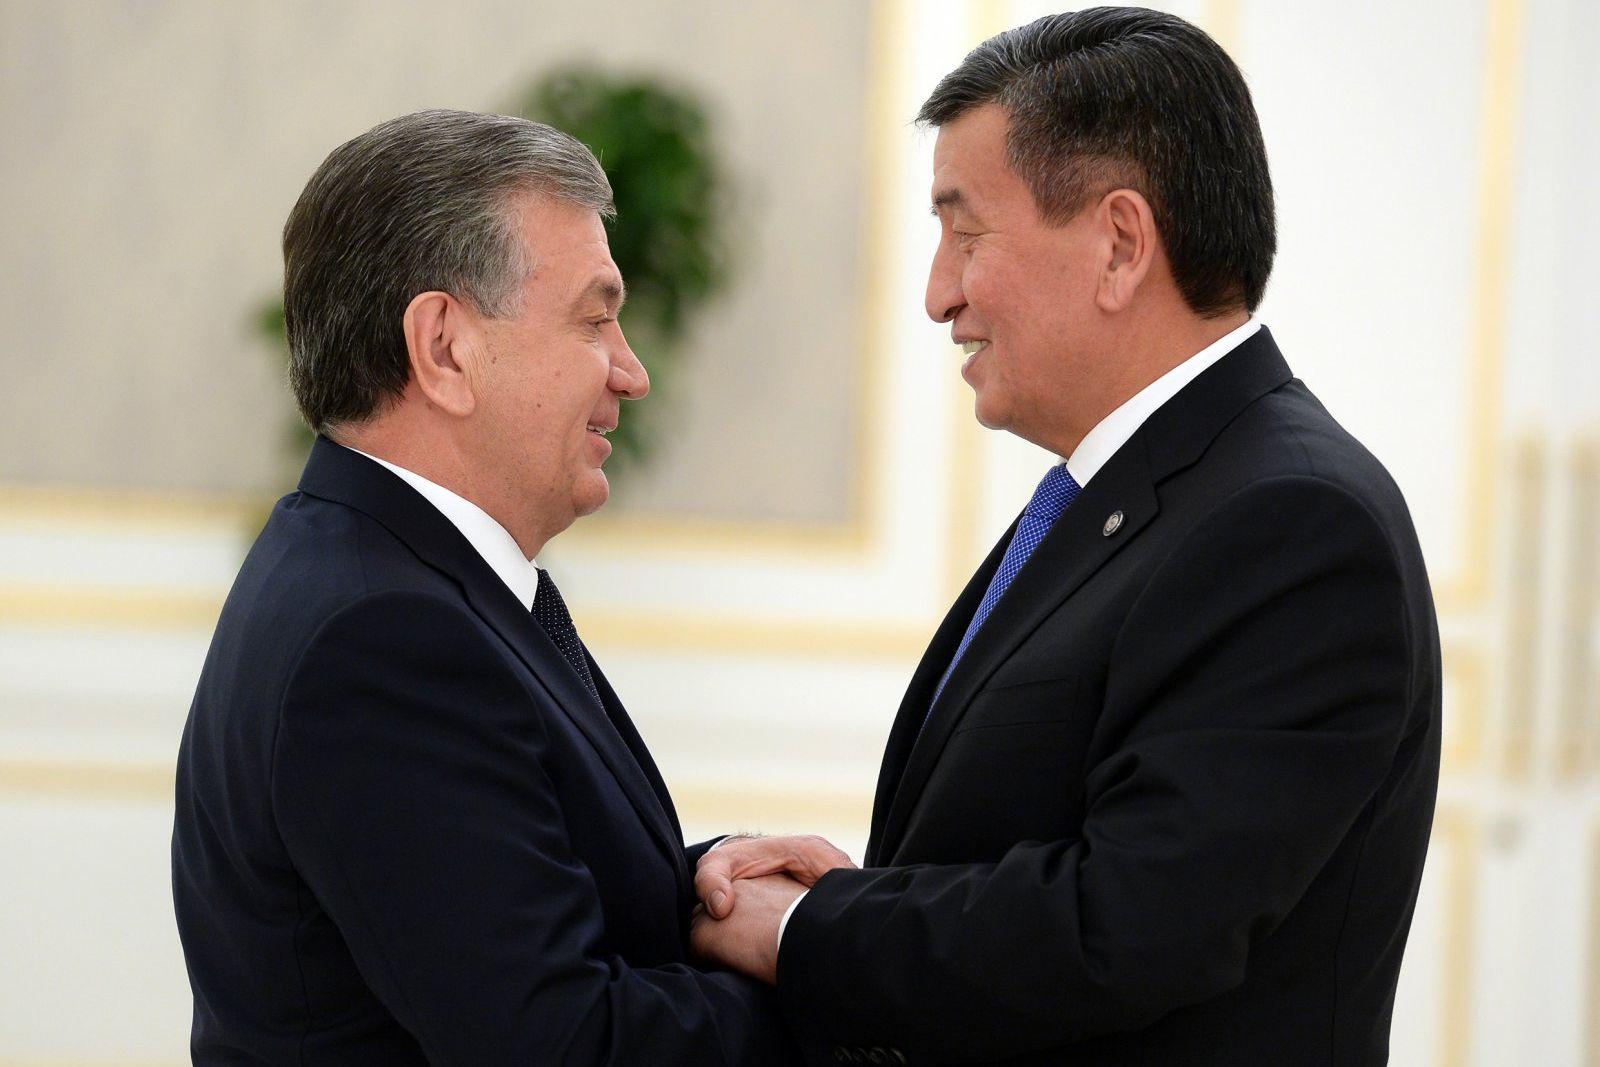 Рукопожатие с главой Узбекистана Шавкатом Мирзиеёвым. Здесь видно, что они тоже изучают друг друга. И в некотором роде у них была даже борьба характеров, в которой кыргызский лидер вольно или невольно уступил. Возможно, проявил большую дипломатичность.